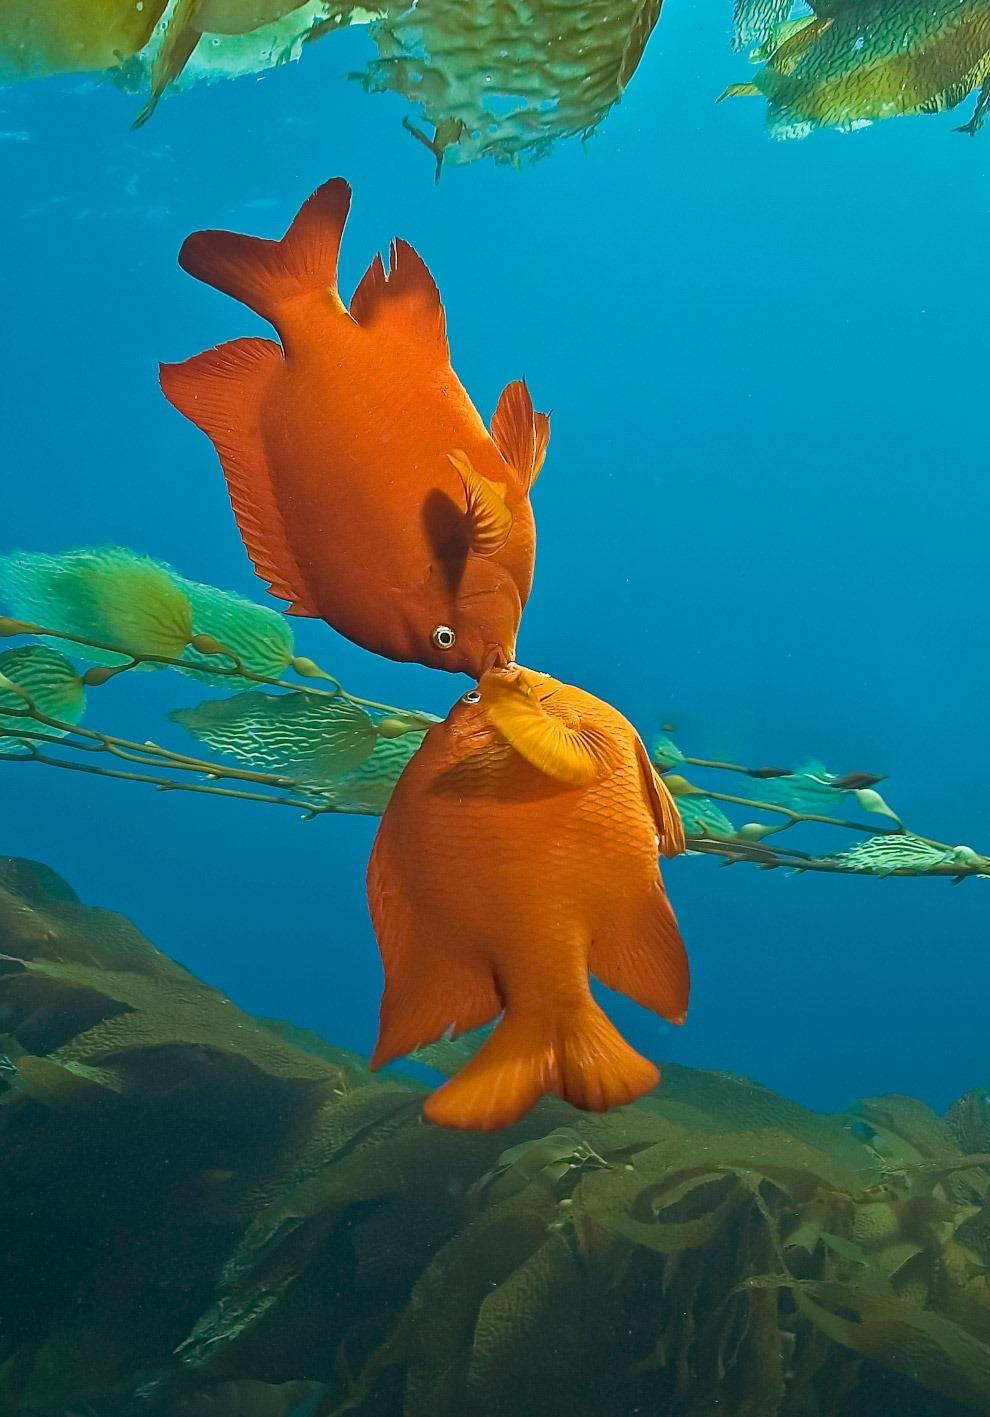 Гарибальди — вид лучепёрых рыб